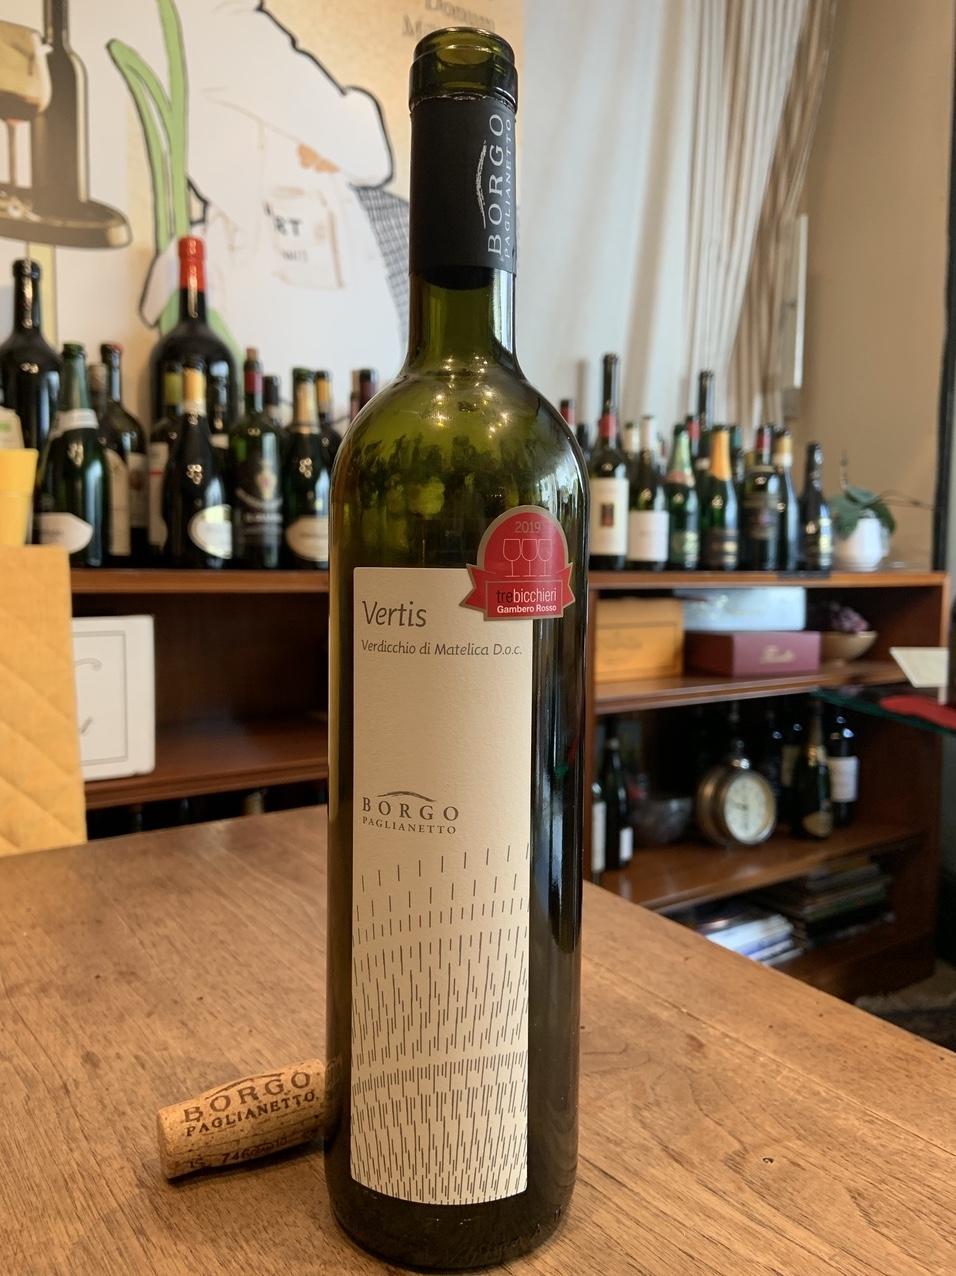 Il vino della settimana: il Verdicchio di Matelica 2016 di Borgo Paglianetto